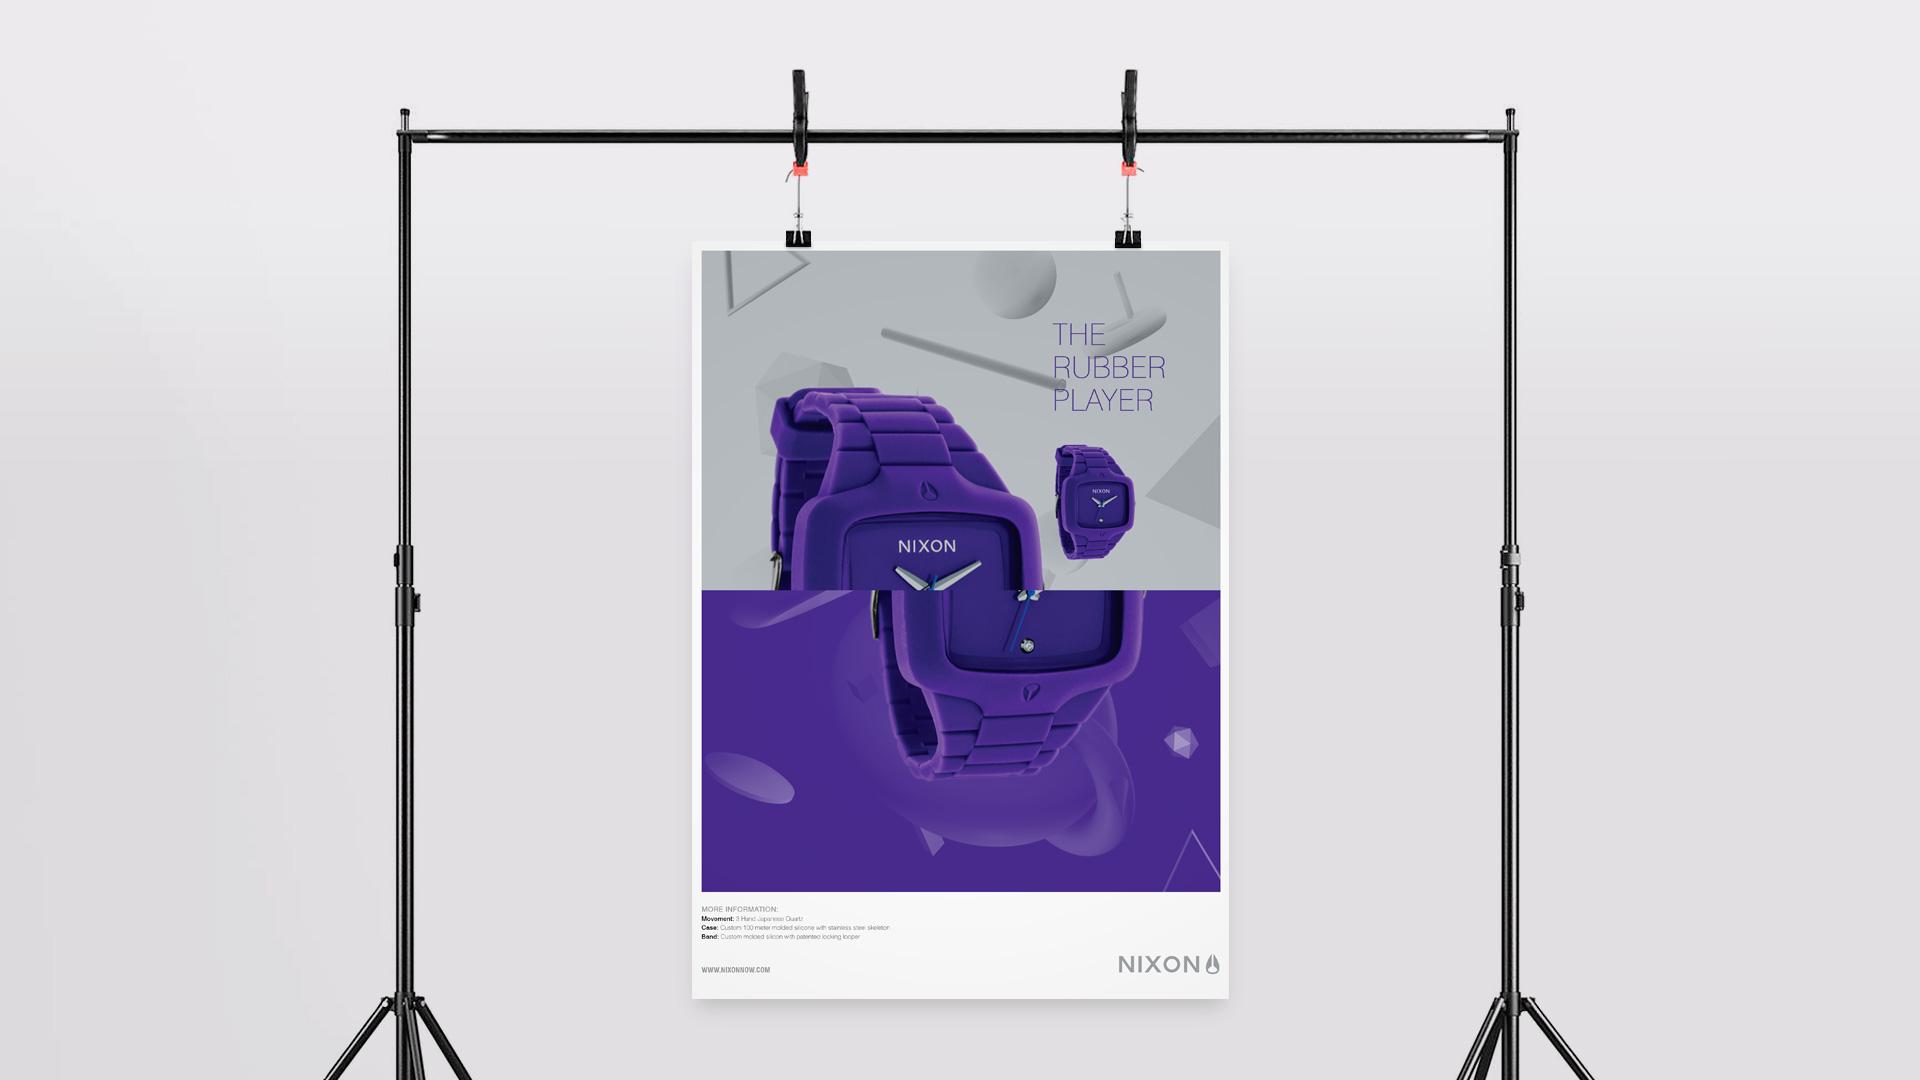 1_advertising_design_graphic_nixon